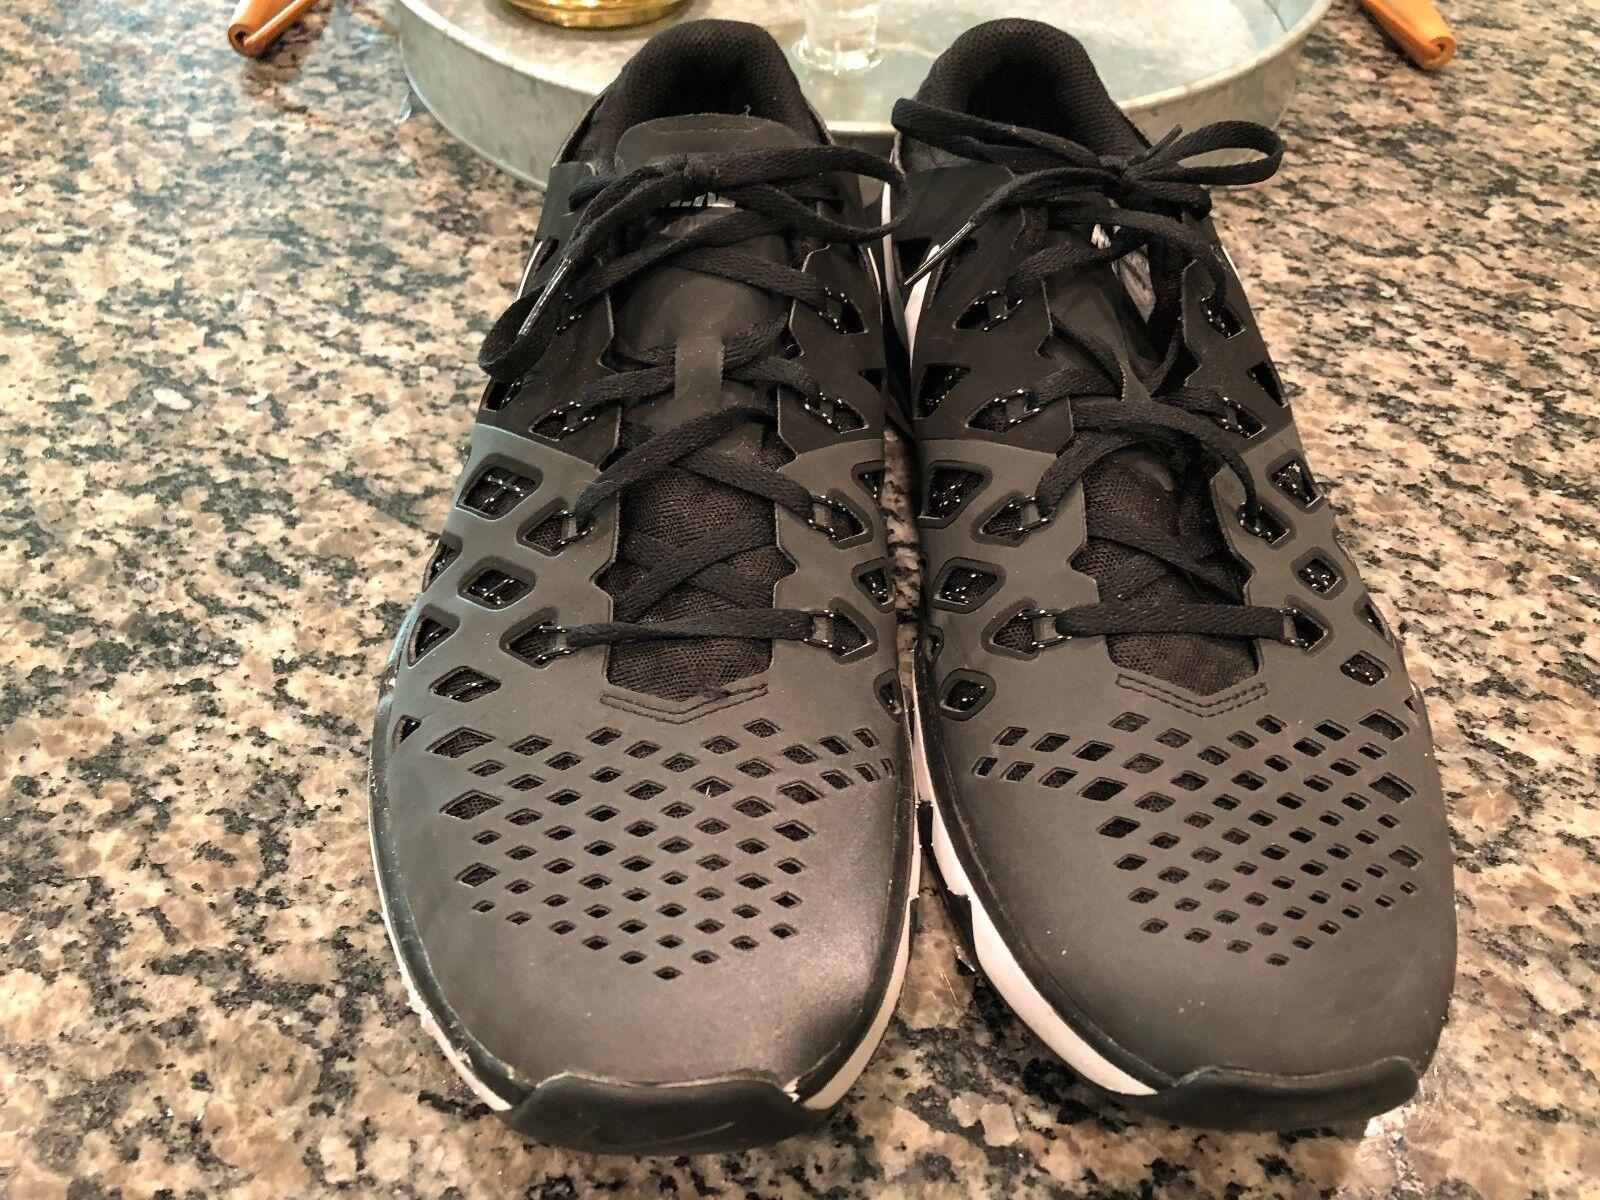 la vitesse des trains hommes chaussures nike taille 11, chaussures hommes de sport 2016 en noir / gris 2d4343